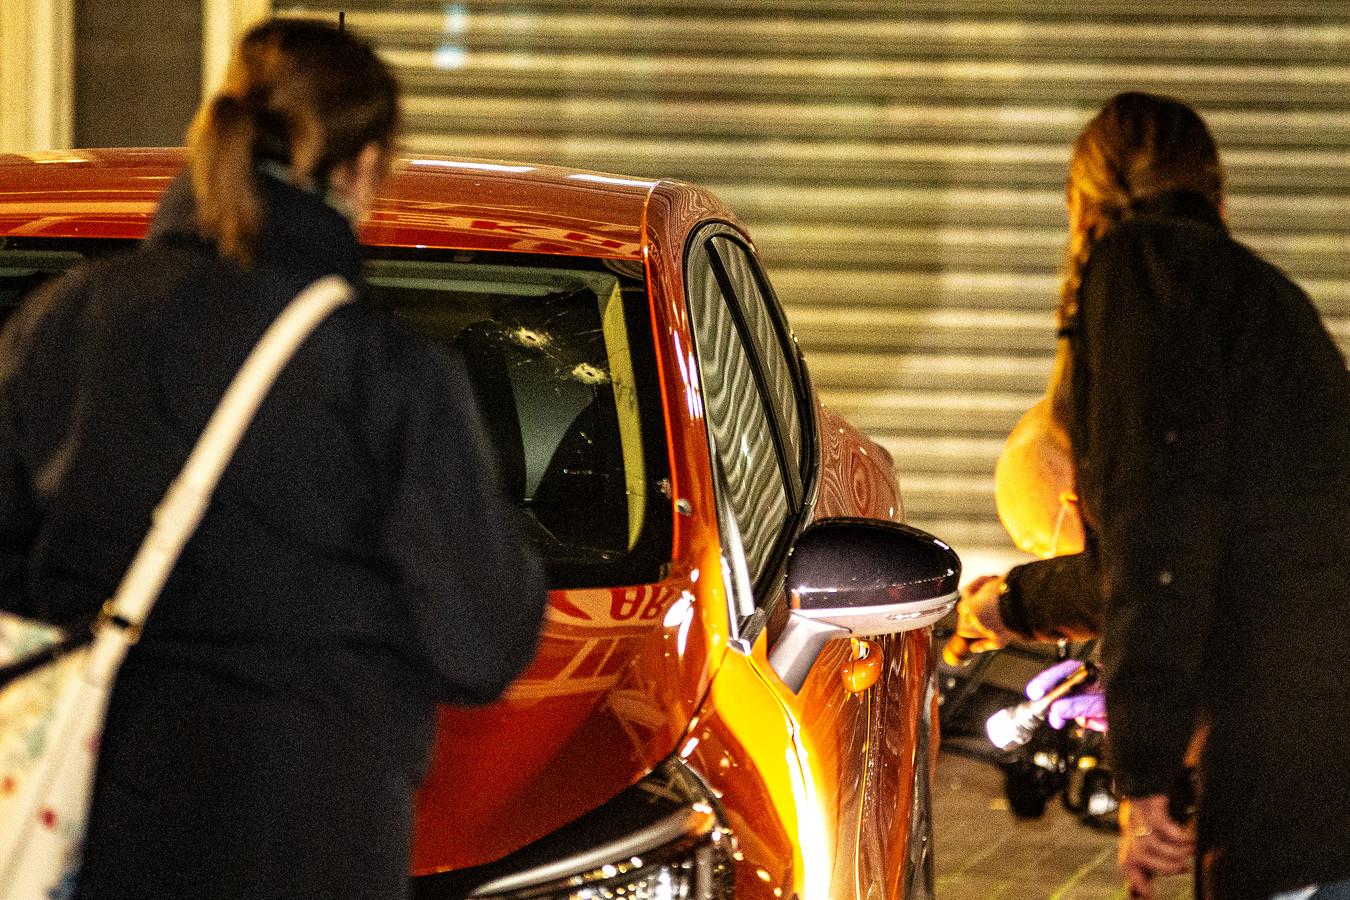 Twee kogelgaten in de voorruit van een beschoten auto.